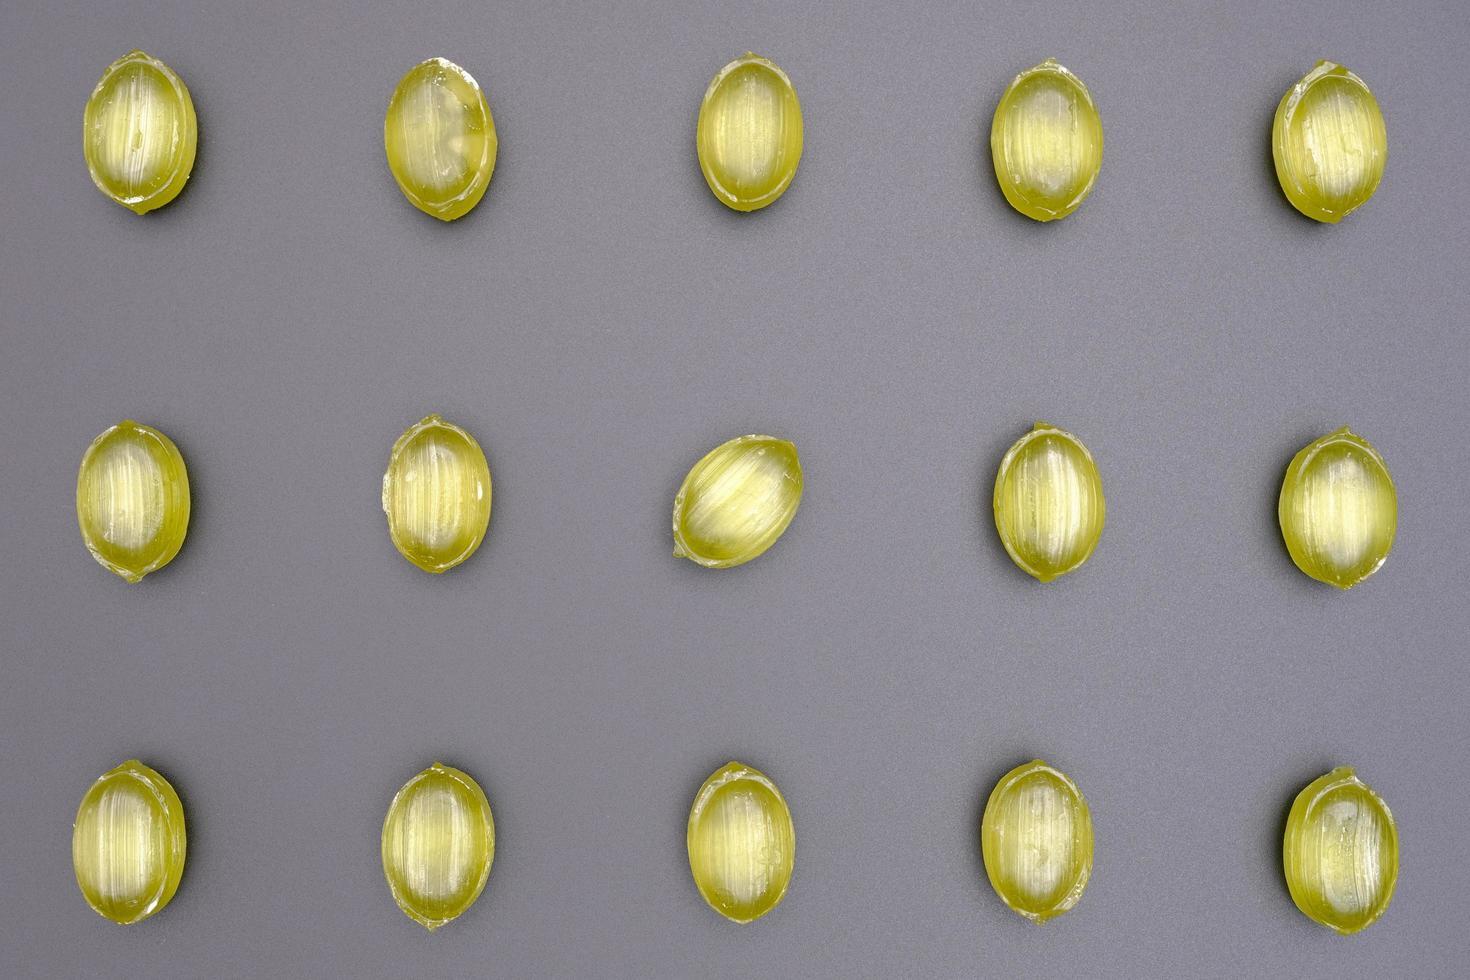 motif de bonbons au caramel brillant de forme ovale verte photo